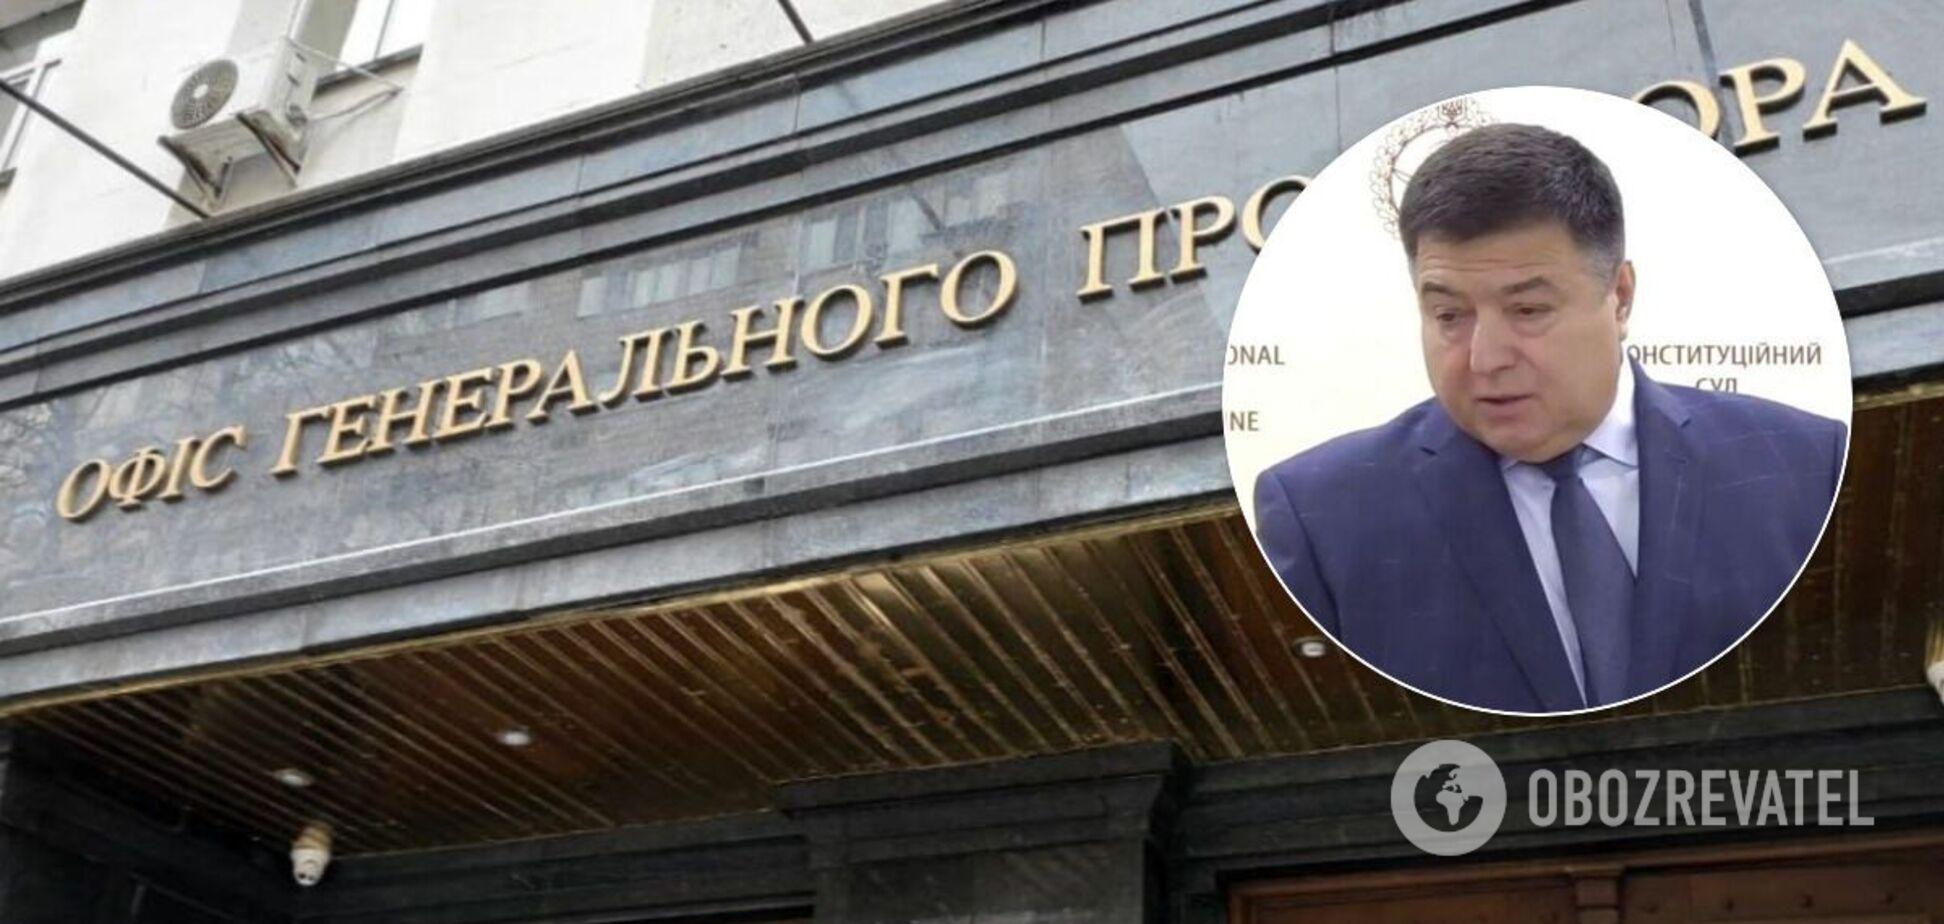 Тупицкий прилетел в Украину и покинул аэропорт без 'шоу': в ОГП пояснили ситуацию с подозрением